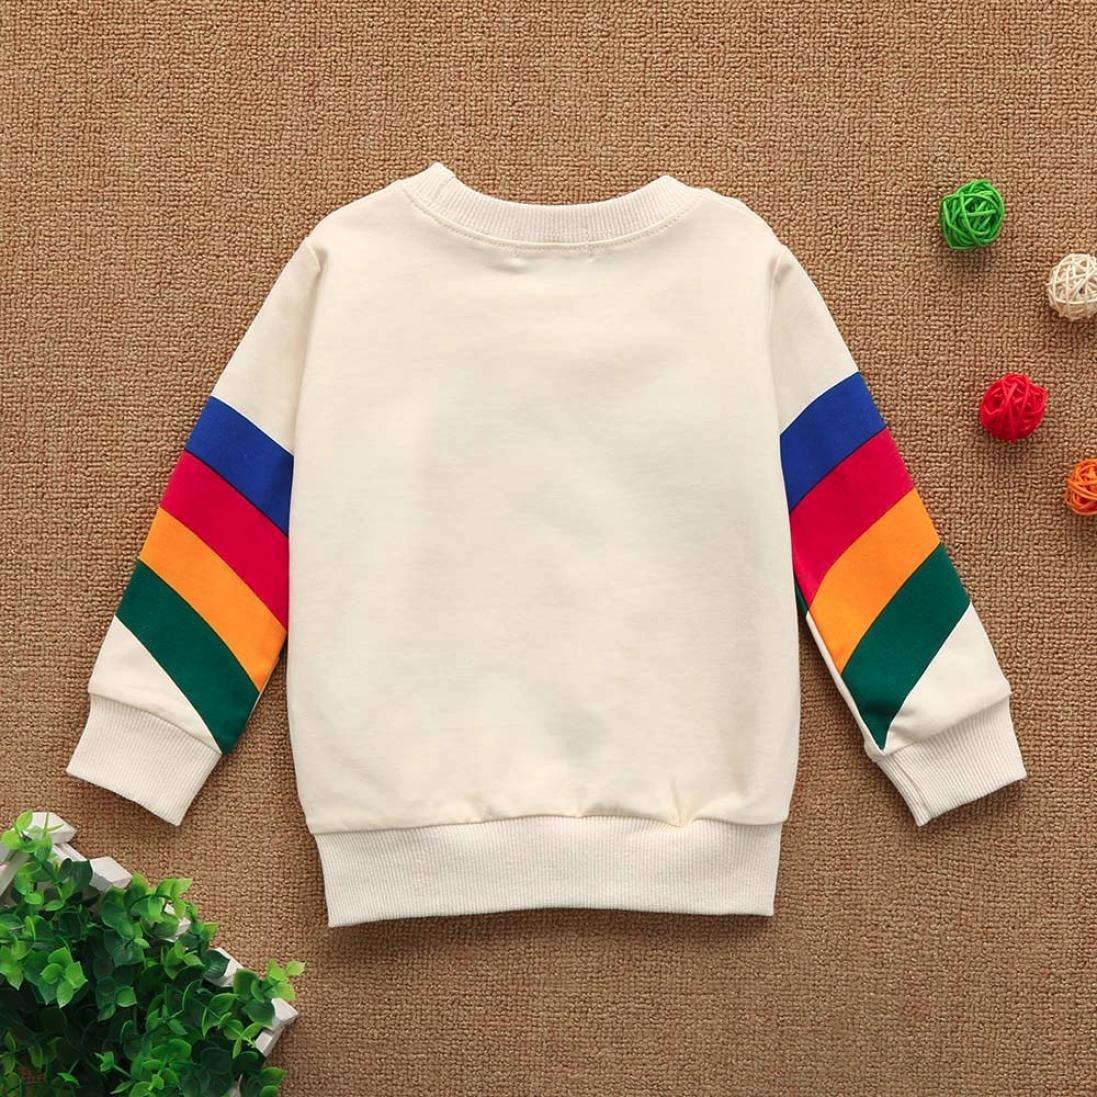 ... camiseta tops sudadera vestido recién nacido manga larga blusa suéter chaqueta camisa falda mono partes de arriba pijamas traje ropa (18M): Amazon.es: ...